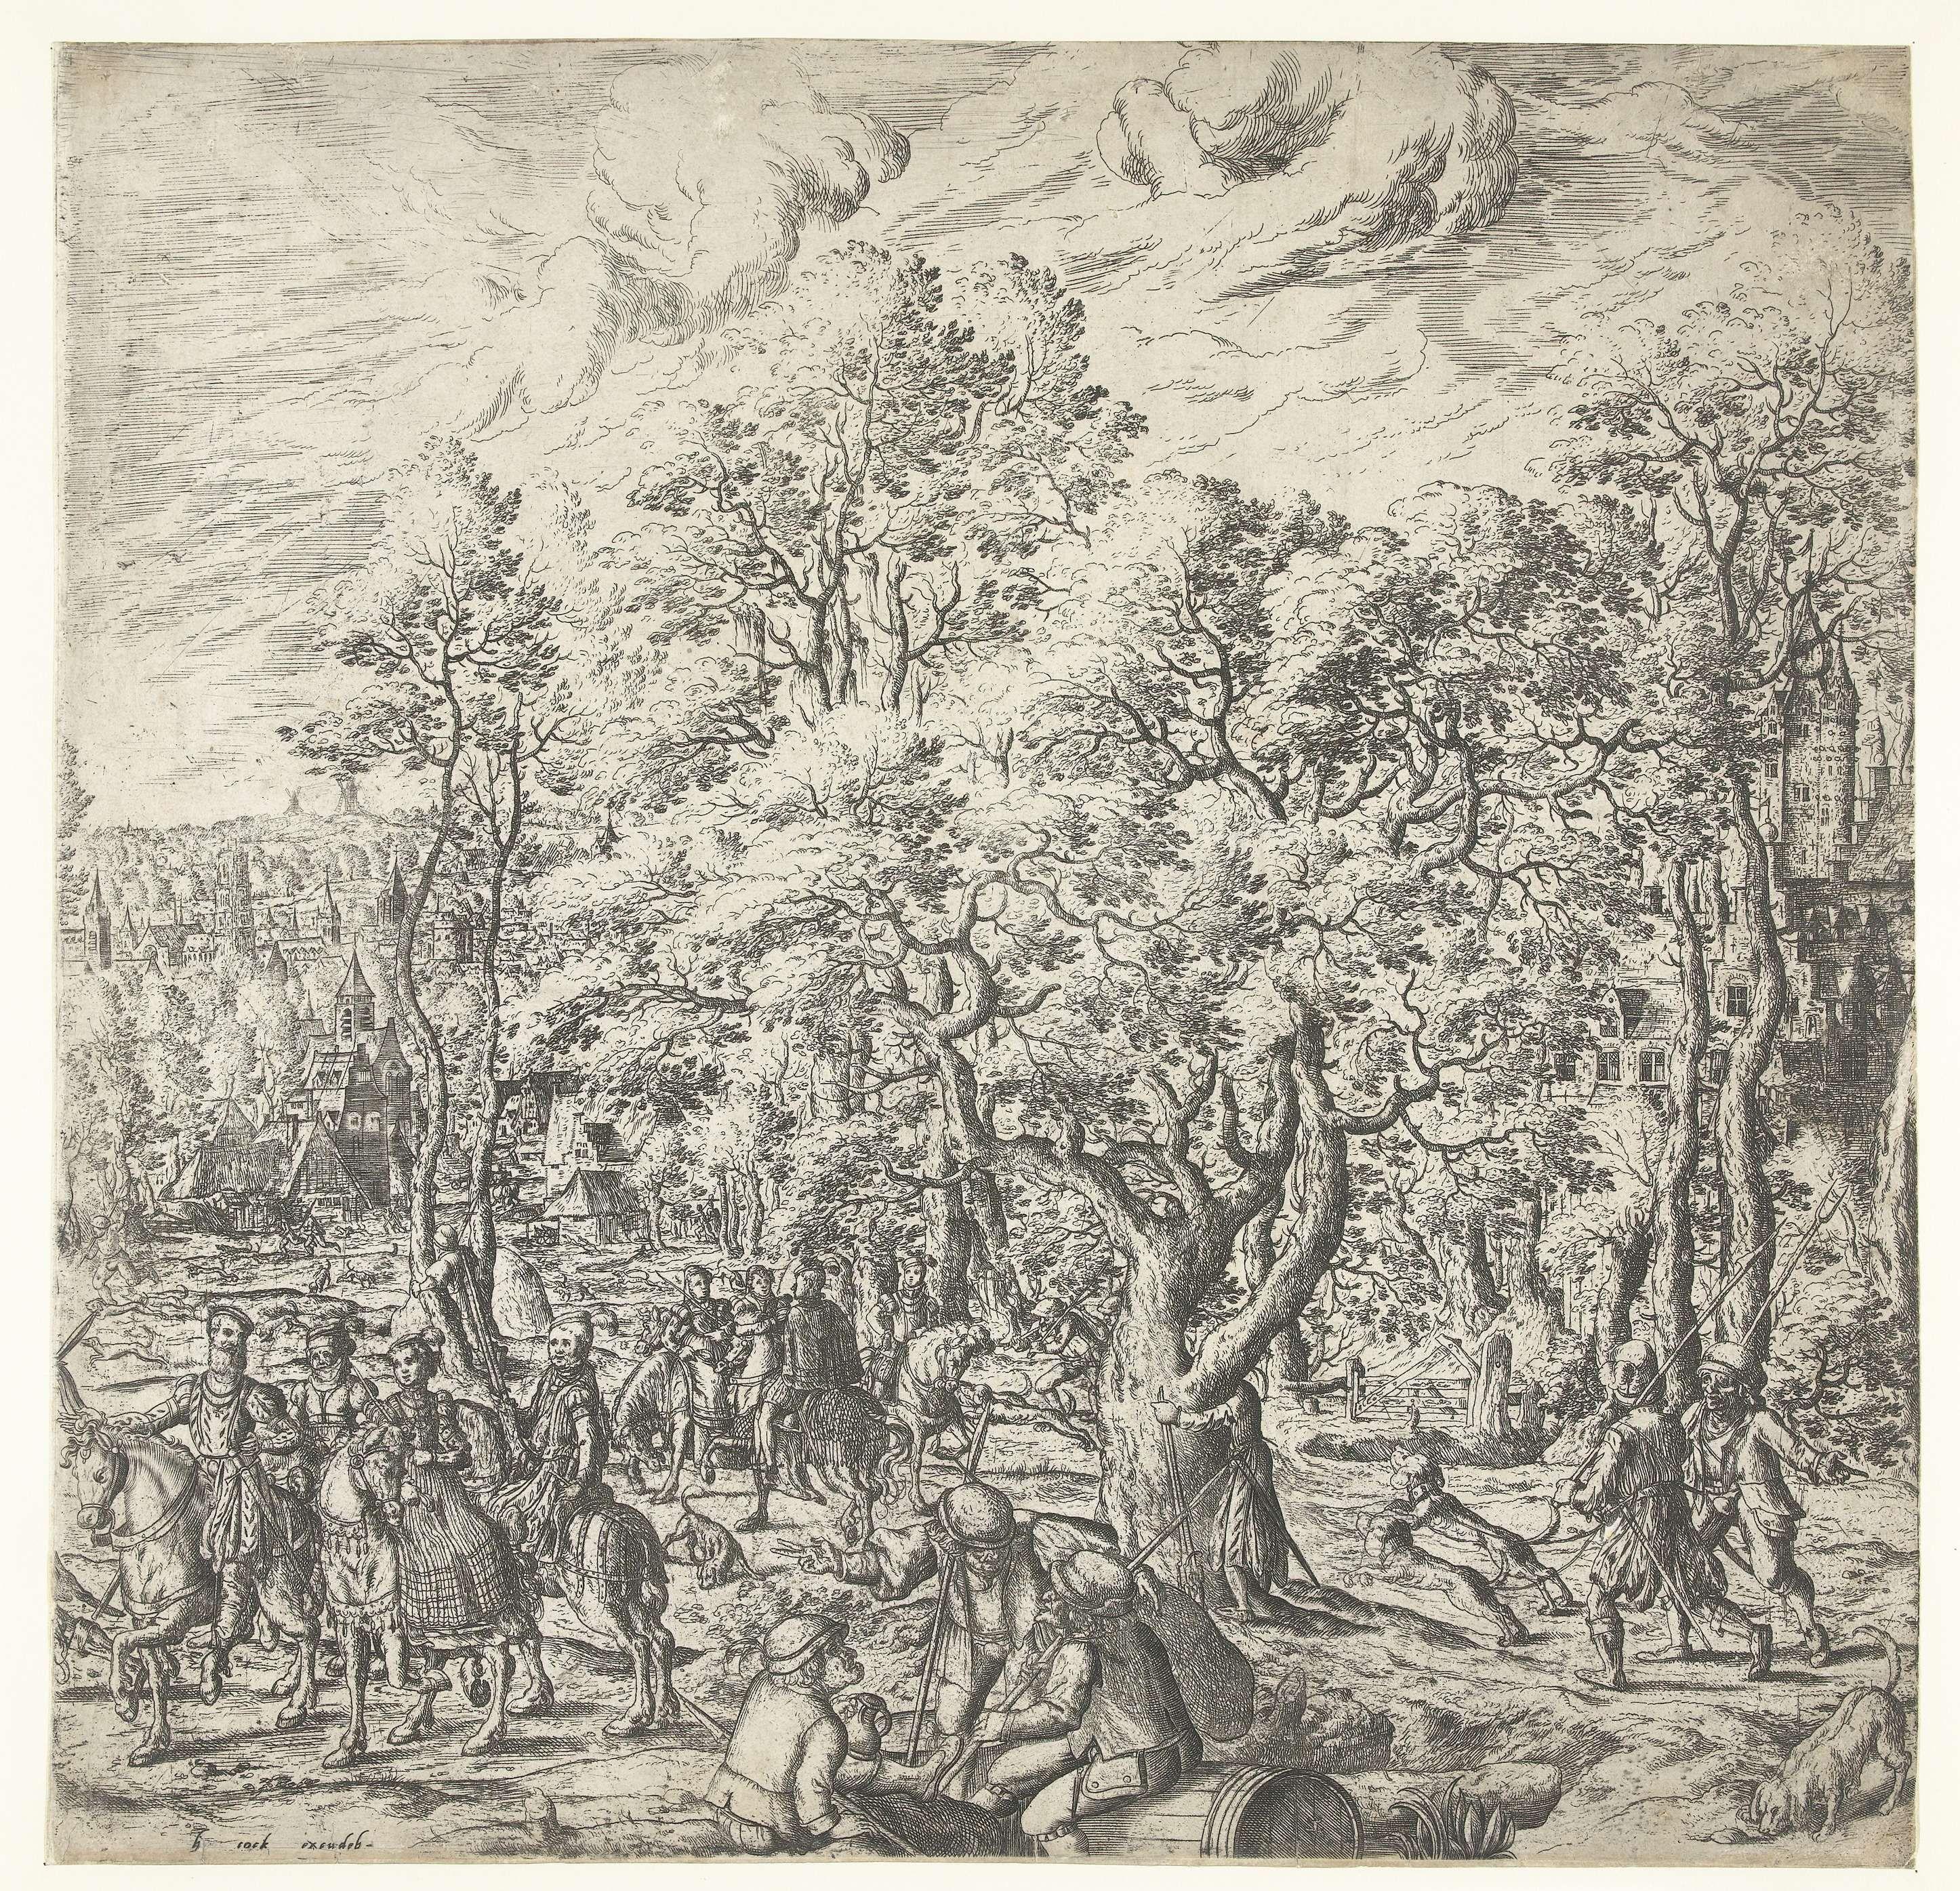 Hans Bol | Hertenjacht, Hans Bol, Hieronymus Cock, c. 1560 - c. 1570 | Rechter deel van een tweeluik met een hertenjacht. Een groepje mannen en vrouwen te paard kijkt naar de jacht. Boeren brengen de jachthonden naar het startpunt. Een ander groepje boeren zit uit te rusten. De jacht wordt getoond op het linker gedeelte.